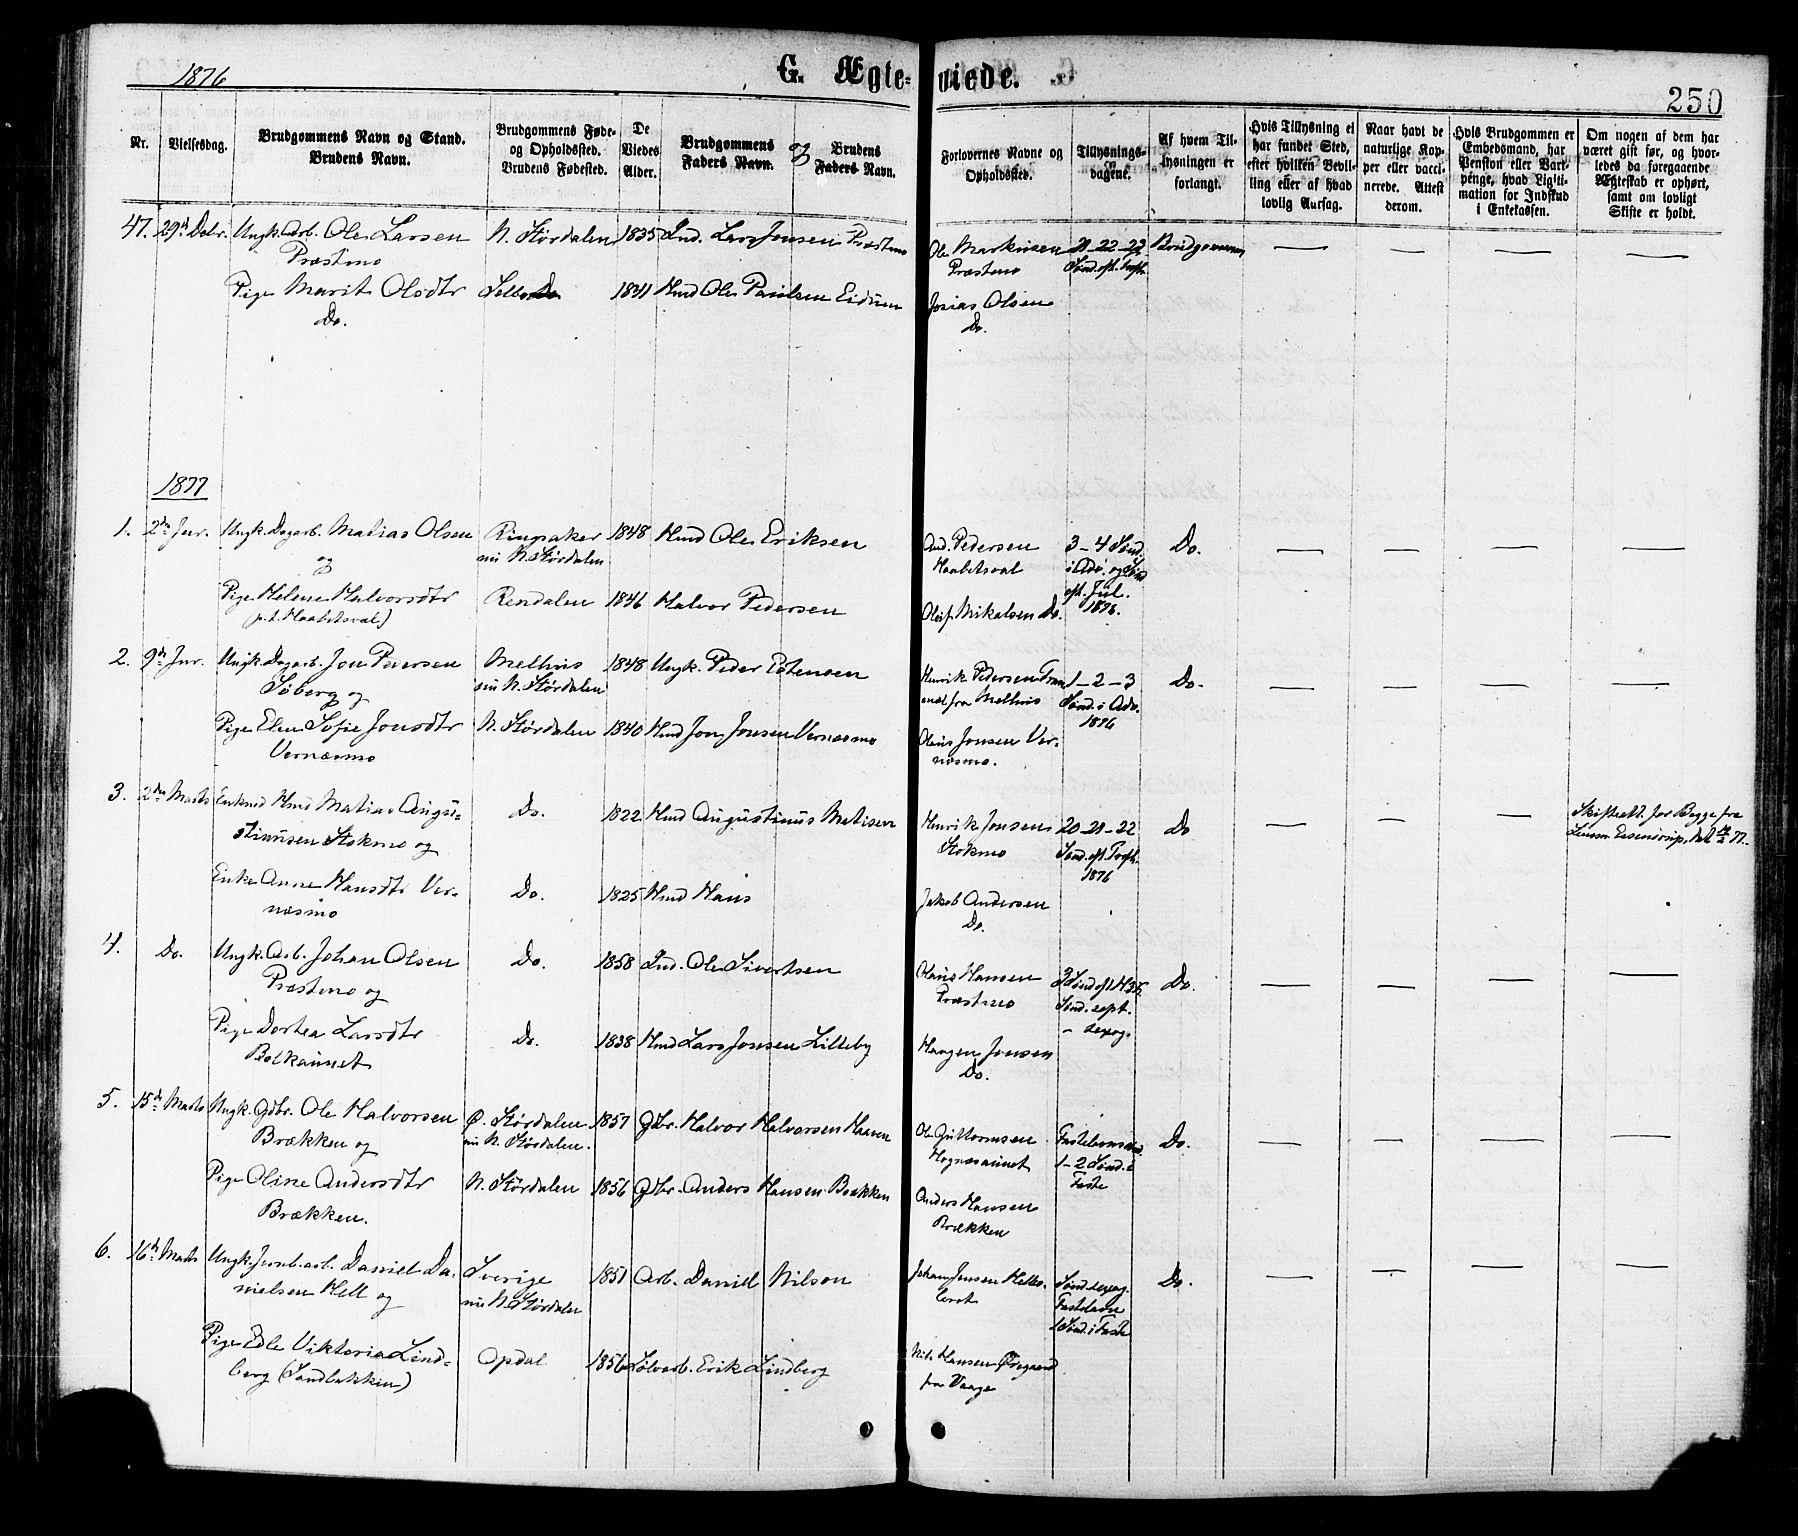 SAT, Ministerialprotokoller, klokkerbøker og fødselsregistre - Nord-Trøndelag, 709/L0076: Ministerialbok nr. 709A16, 1871-1879, s. 250